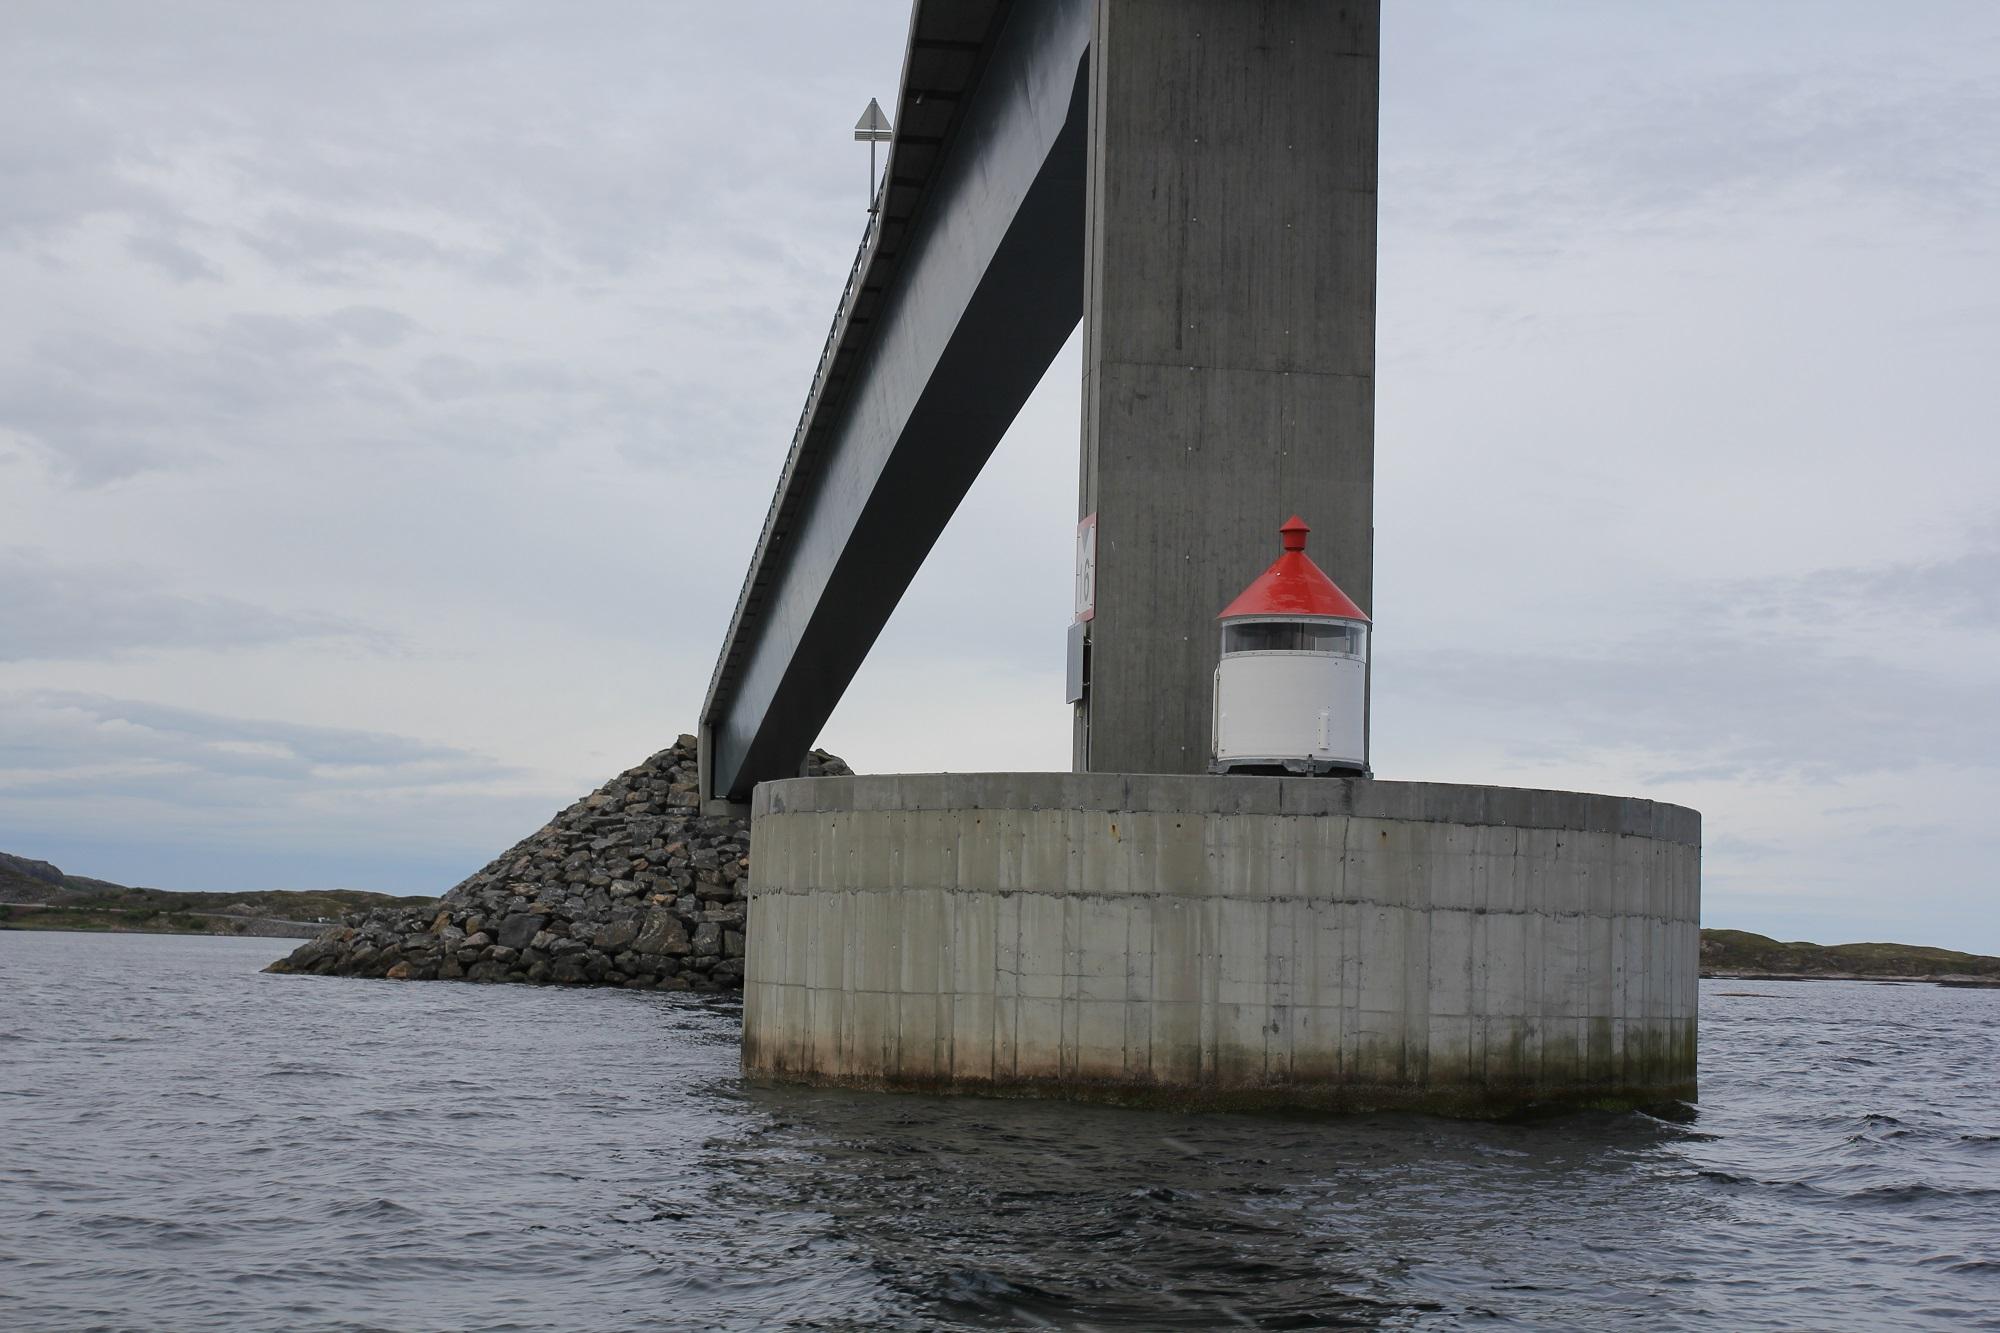 Ein Brückenpfeiler aus Beton in Norwegen zum Pollackfischen.